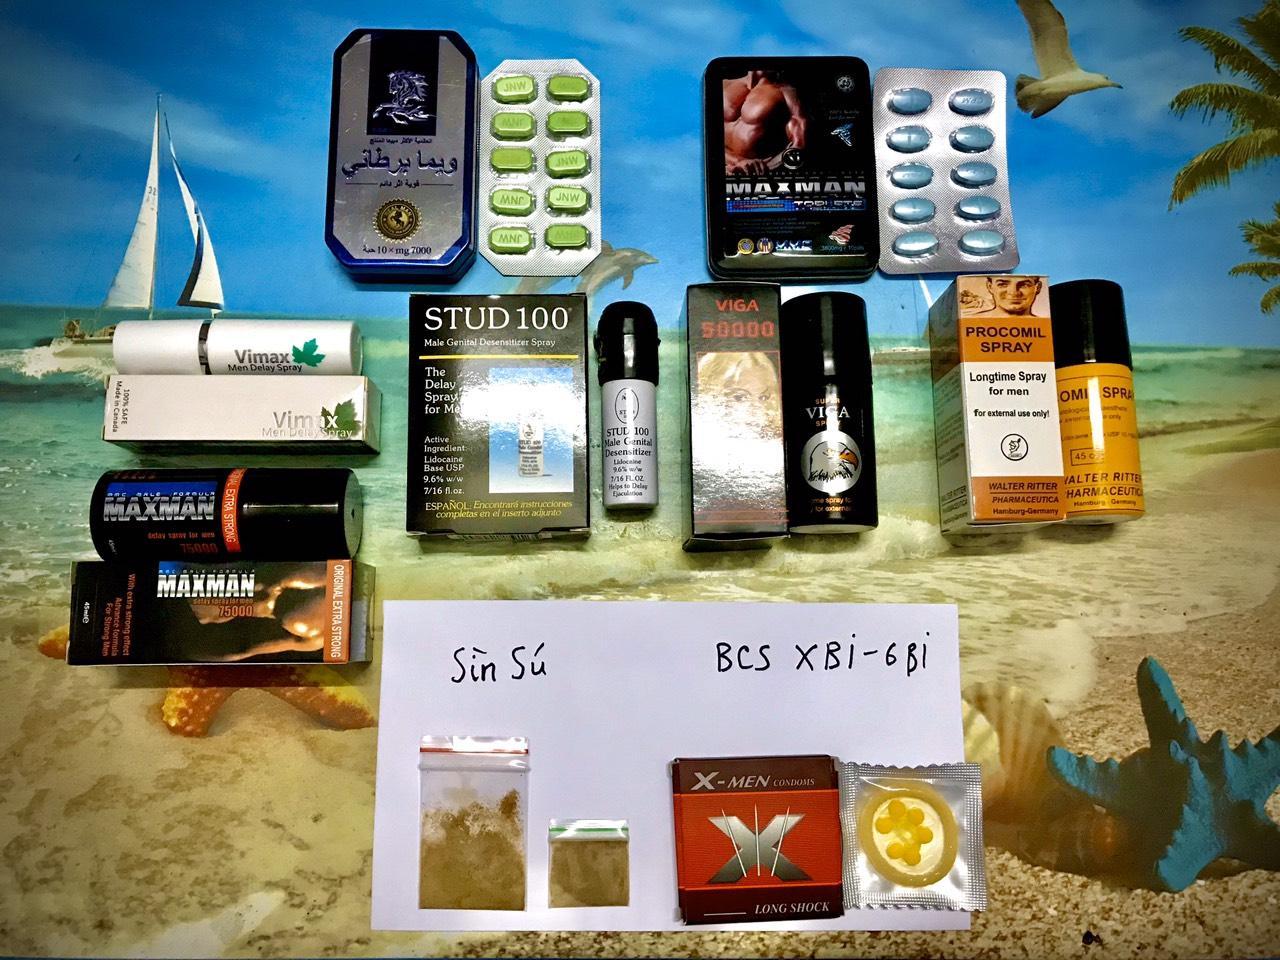 Sìn sú hoặc sản phẩm tự chọn, tất cả đồng giá, anh em xem ảnh, đặt hàng và nhắn tin cho shop ảnh chụp khoanh sản phẩm muốn nhận nhé cao cấp